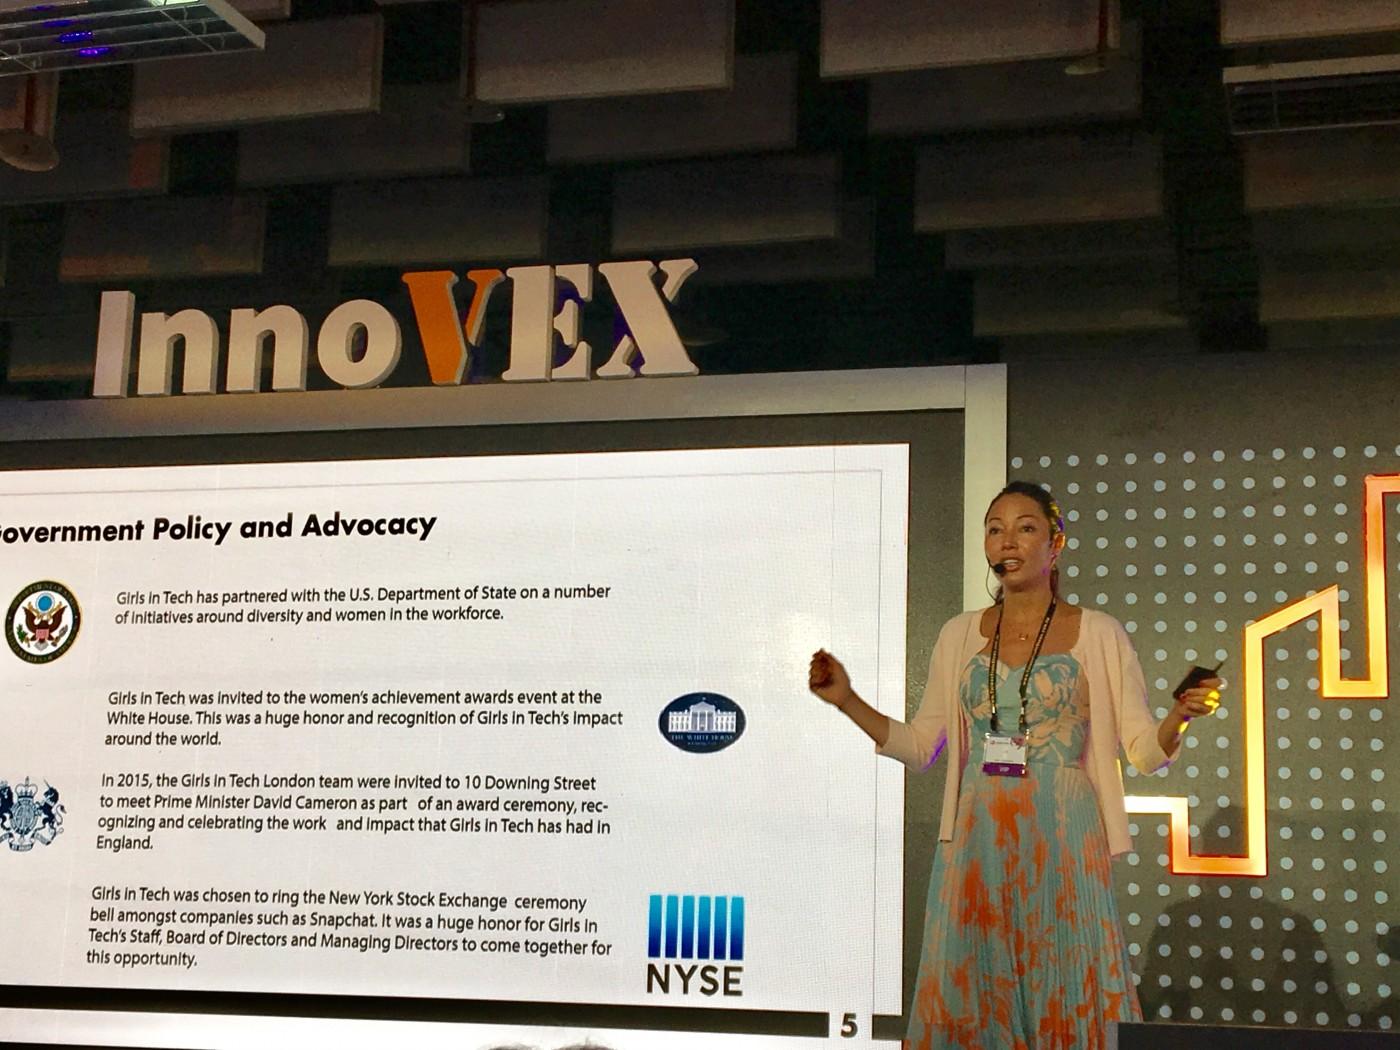 女力崛起,Girls In Tech如何幫助女性創業、進入科技業發展?